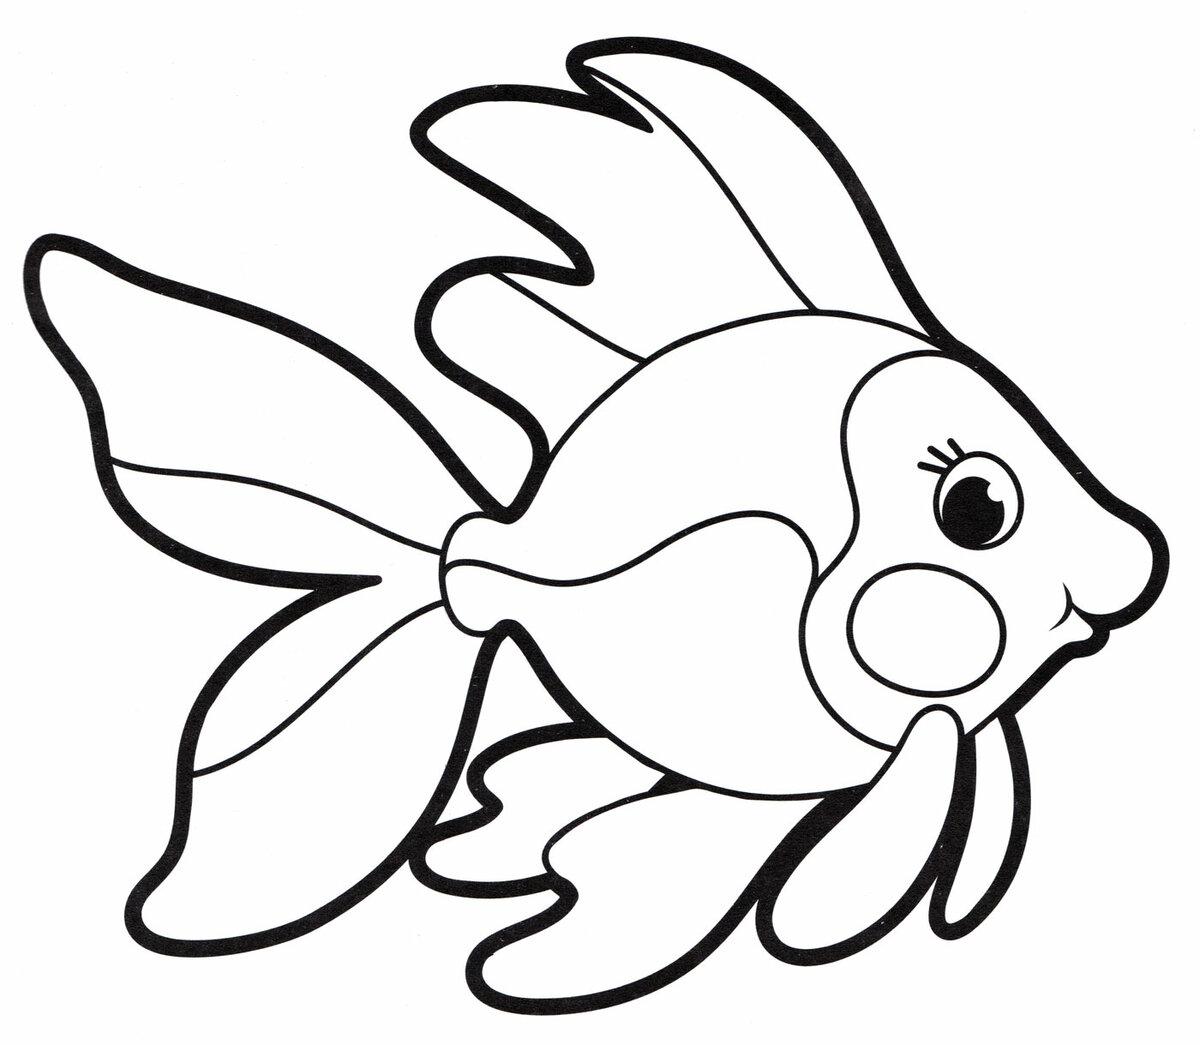 «Раскраска Рыбка - распечатать бесплатно» — карточка ...